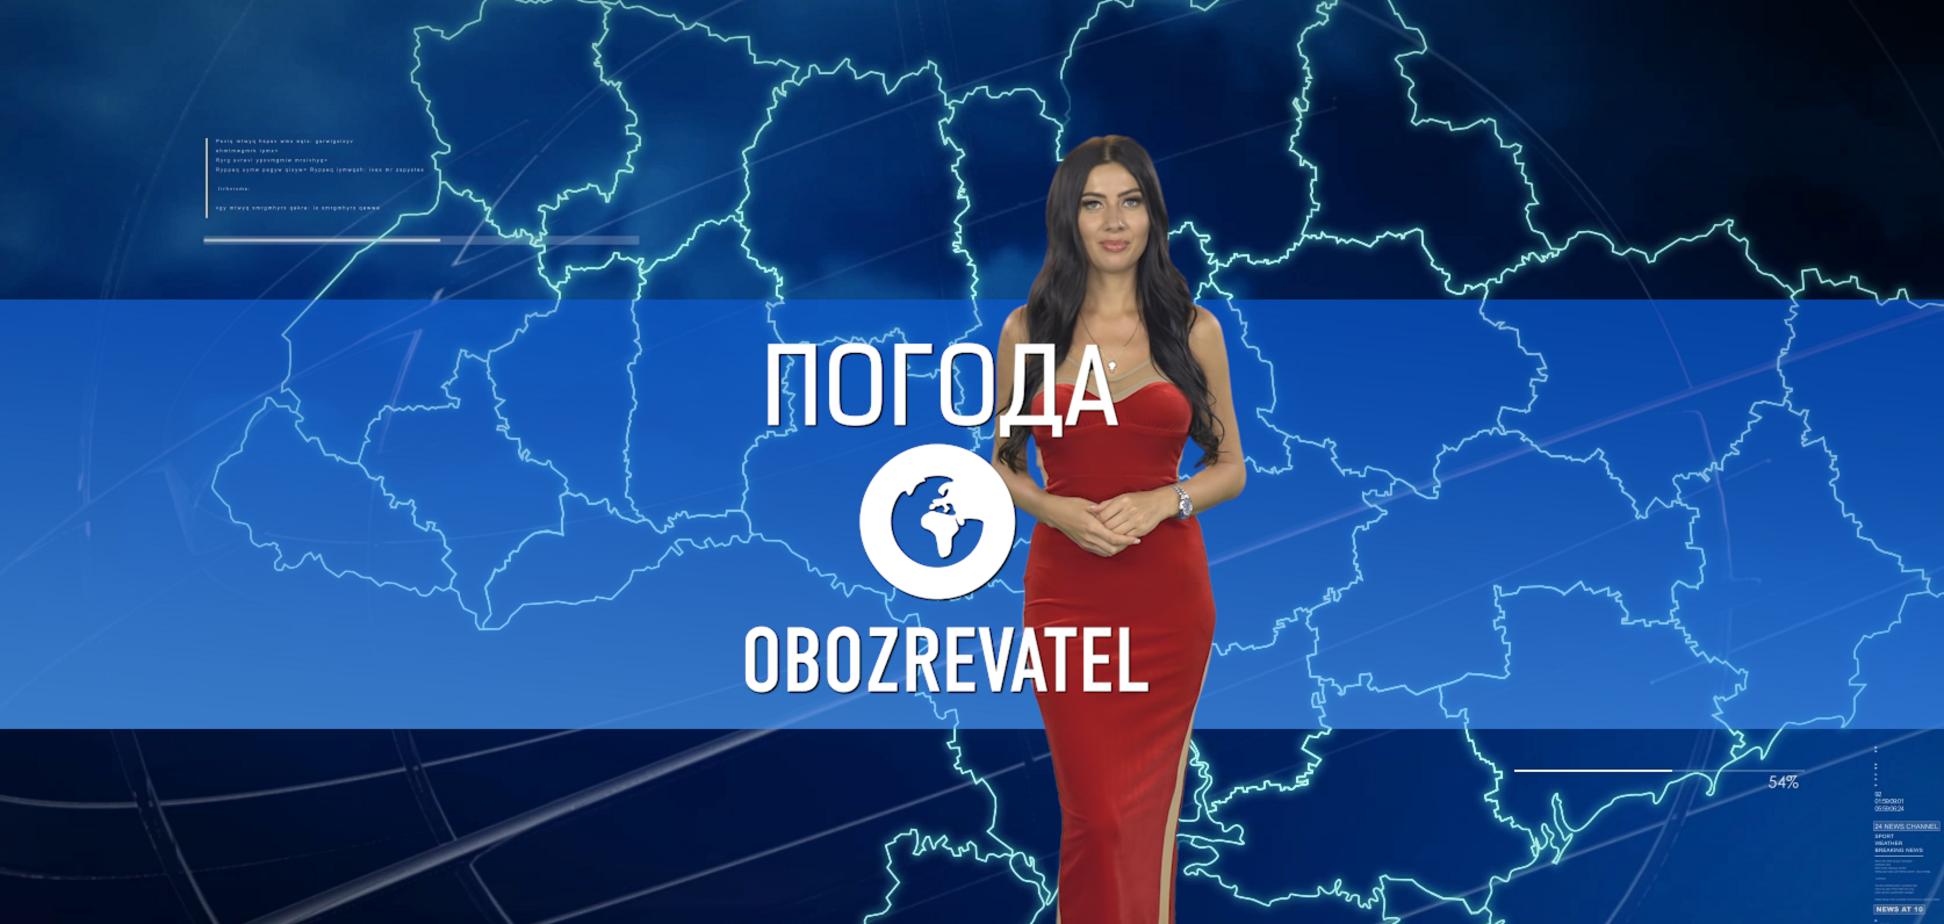 Прогноз погоди в Україні на четвер, 19 серпня, з Алісою Мярковською